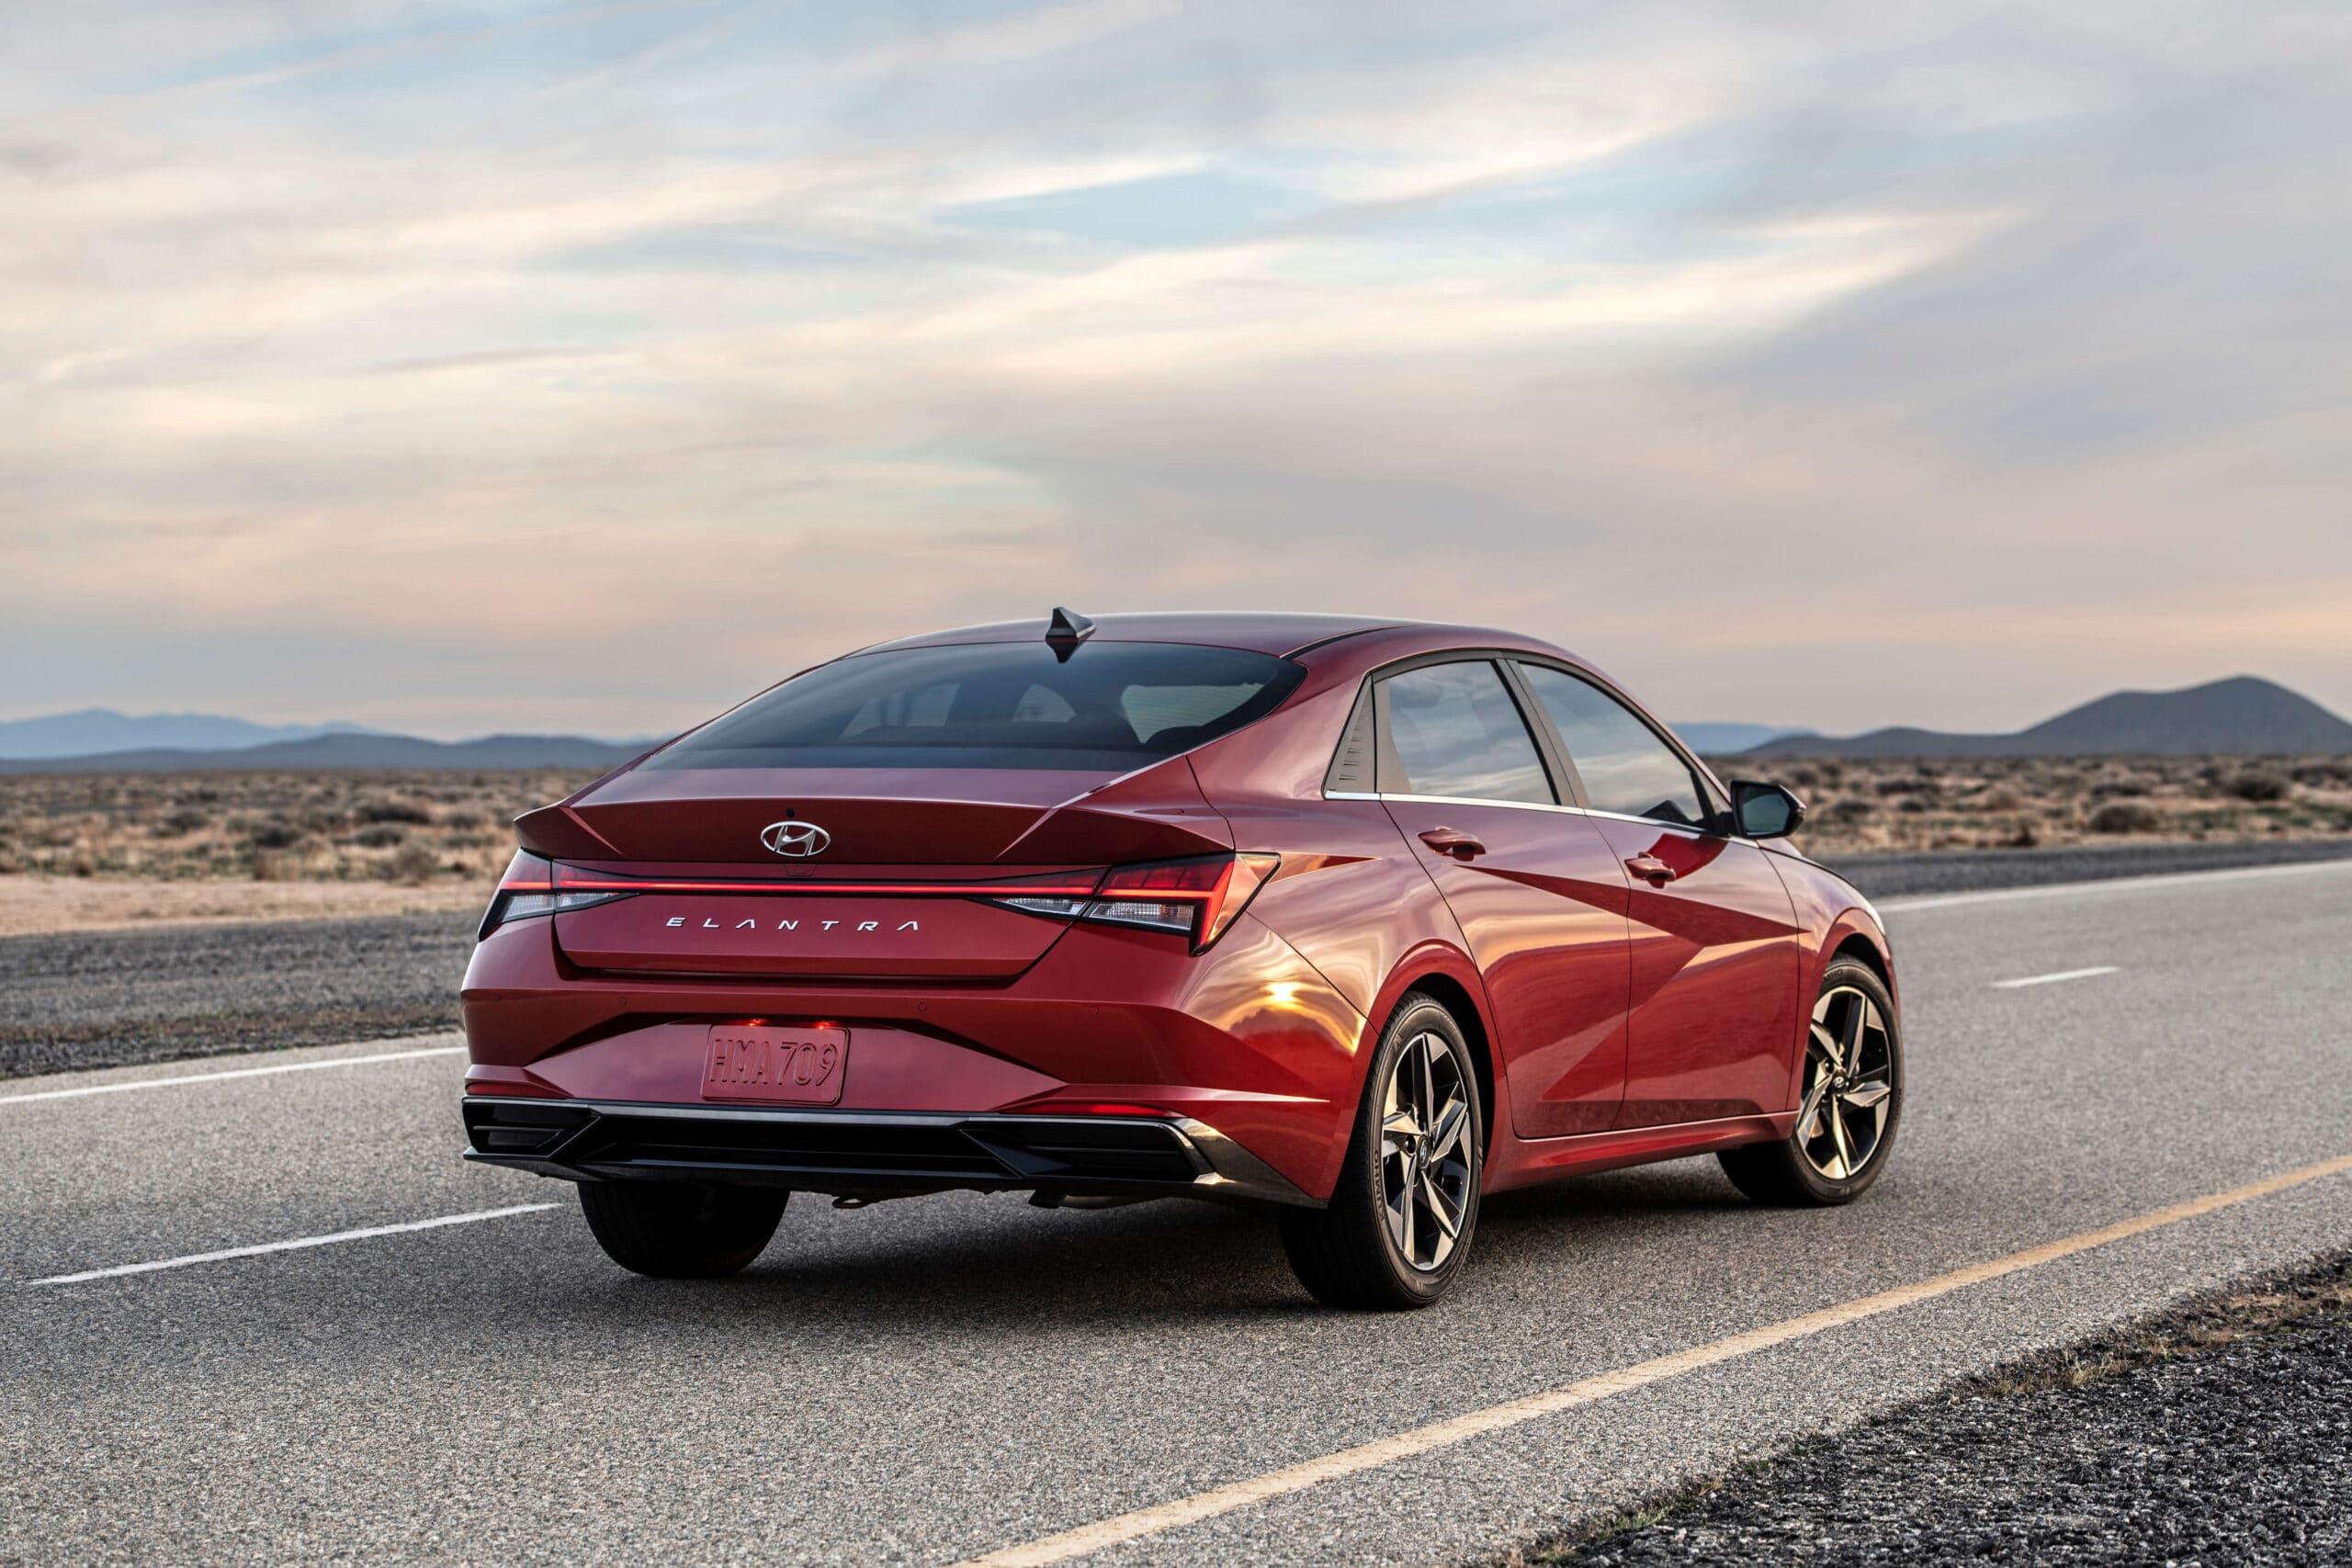 Arrière de la Hyundai Elantra 2021 rouge